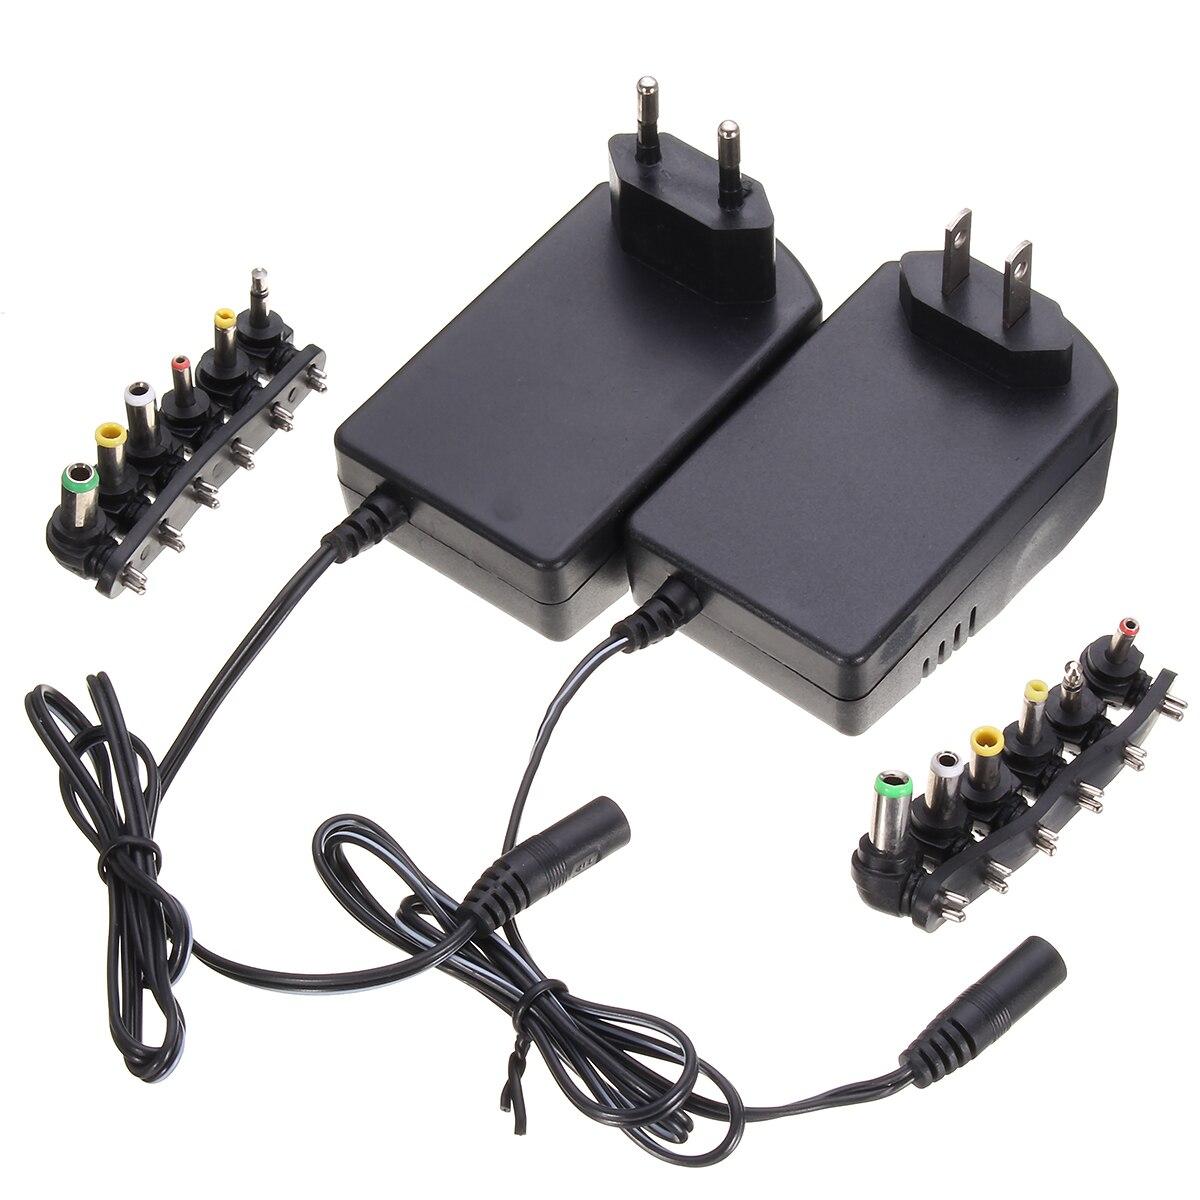 Multi Voltage 3v 4.5v 5v 6v 9v 12v DC Adaptor Adjustable Power Adapter Universal Charger Power Supply Converter Cable 6 Plugs